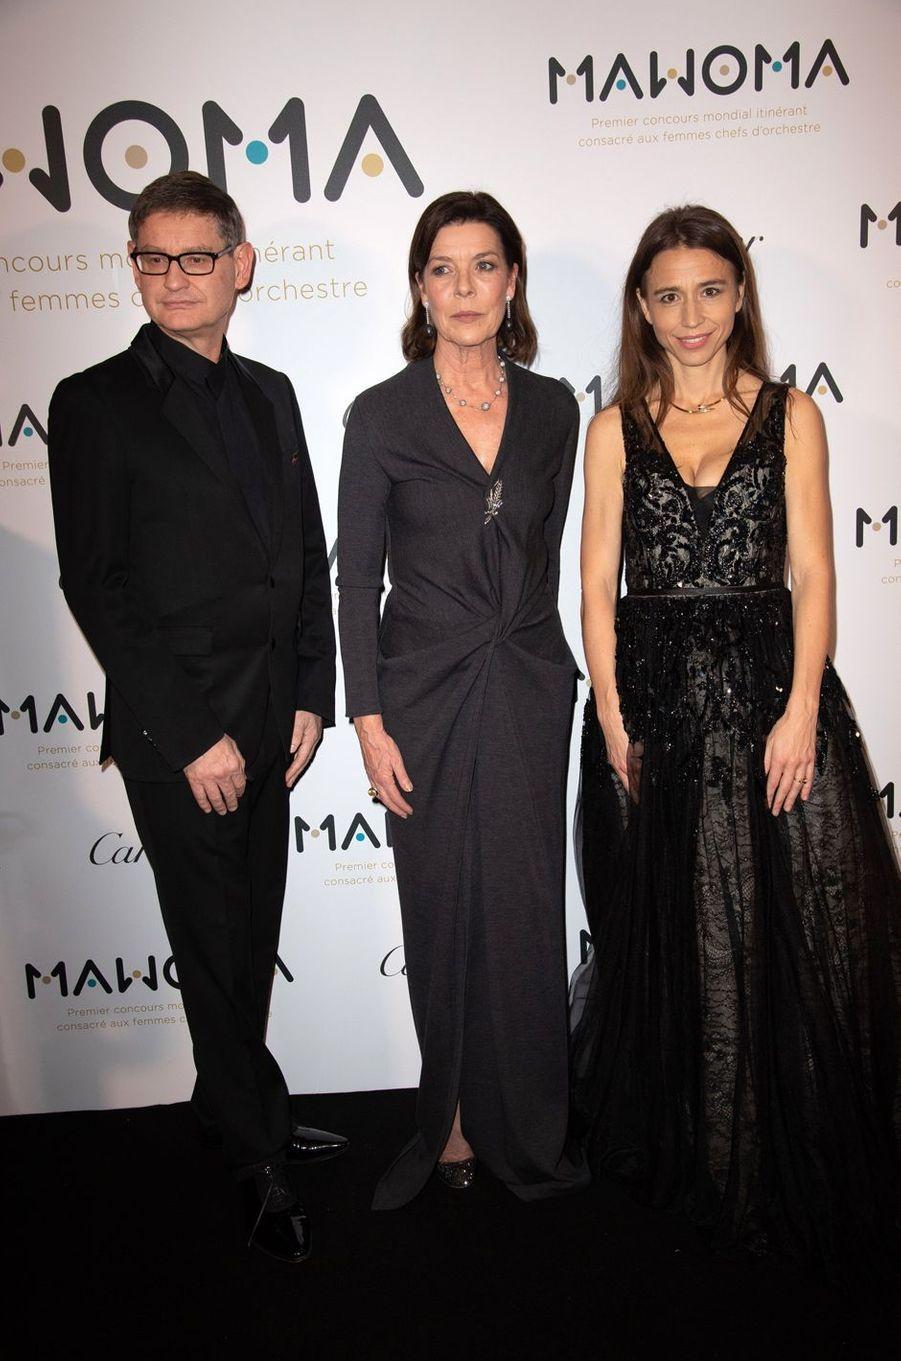 La princesse Caroline de Monaco avec Cyrille Vigneron, CEO de Cartier, et la pianiste Clémence Guerrand, à Paris le 24 janvier 2019